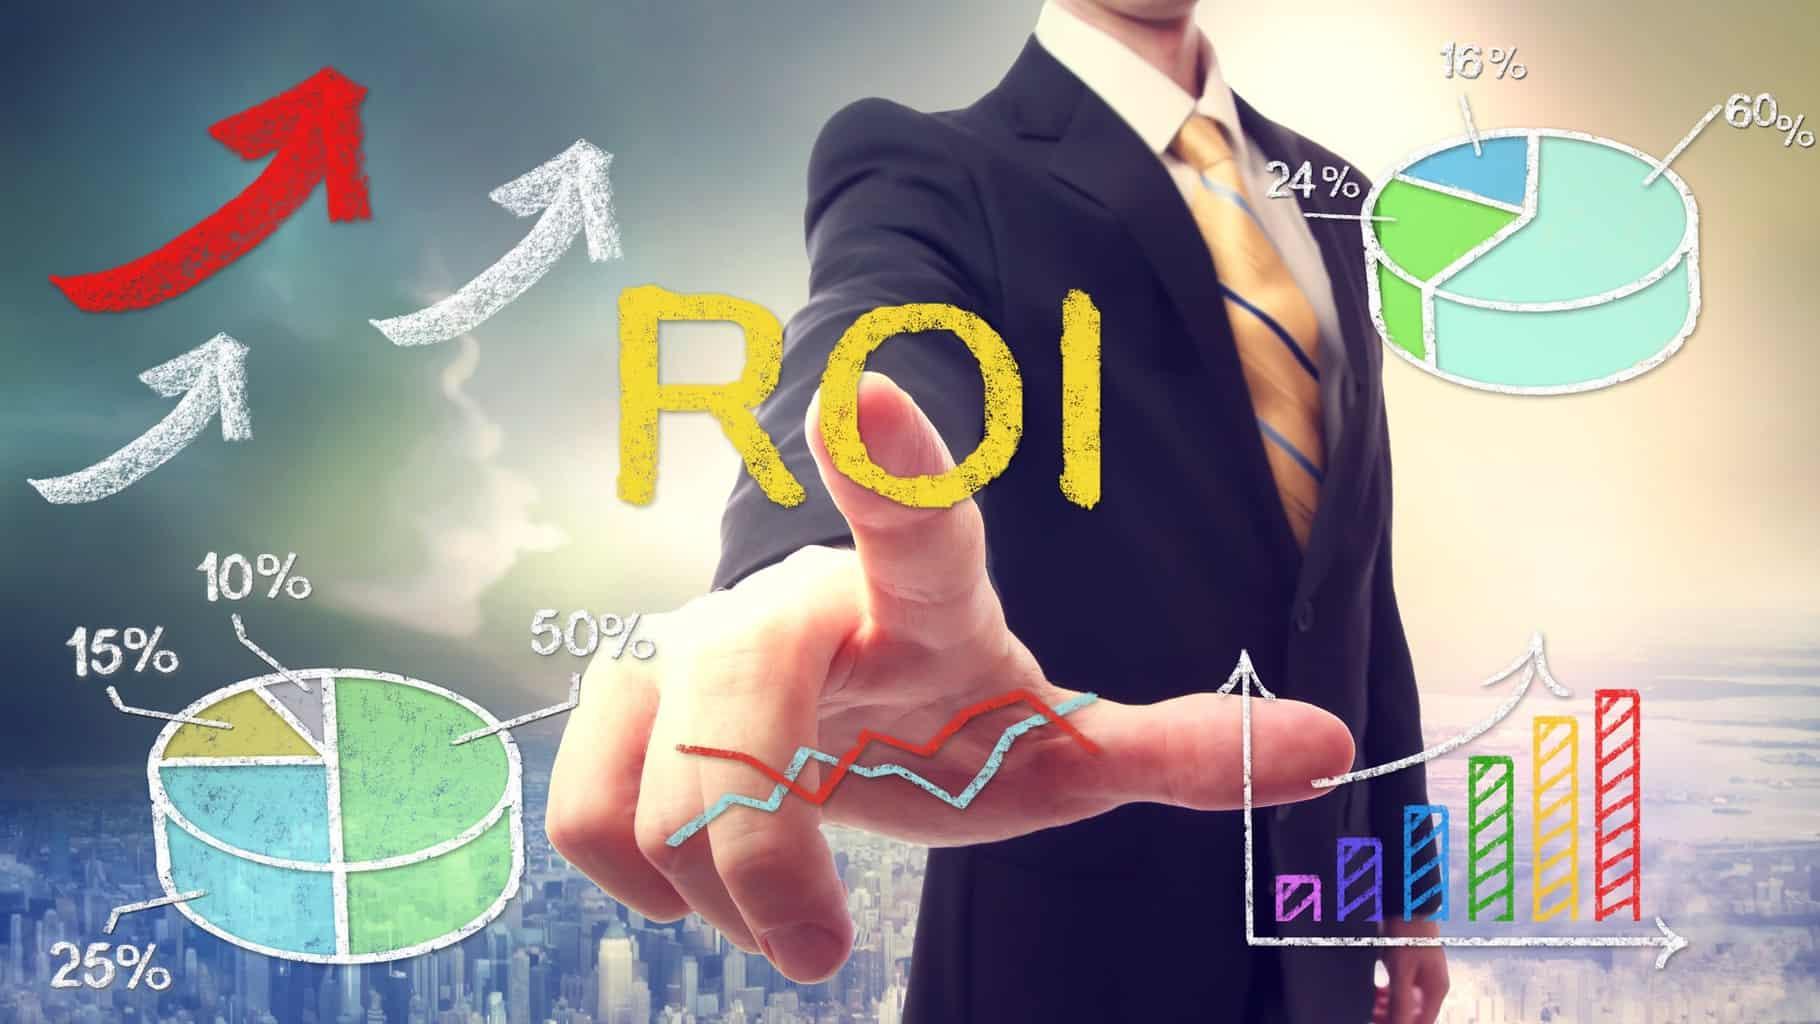 ROI e Calcolo del ROI: Gli errori più comuni commessi nel calcolo del ROI - Davide Puzzo - Consiglio Web